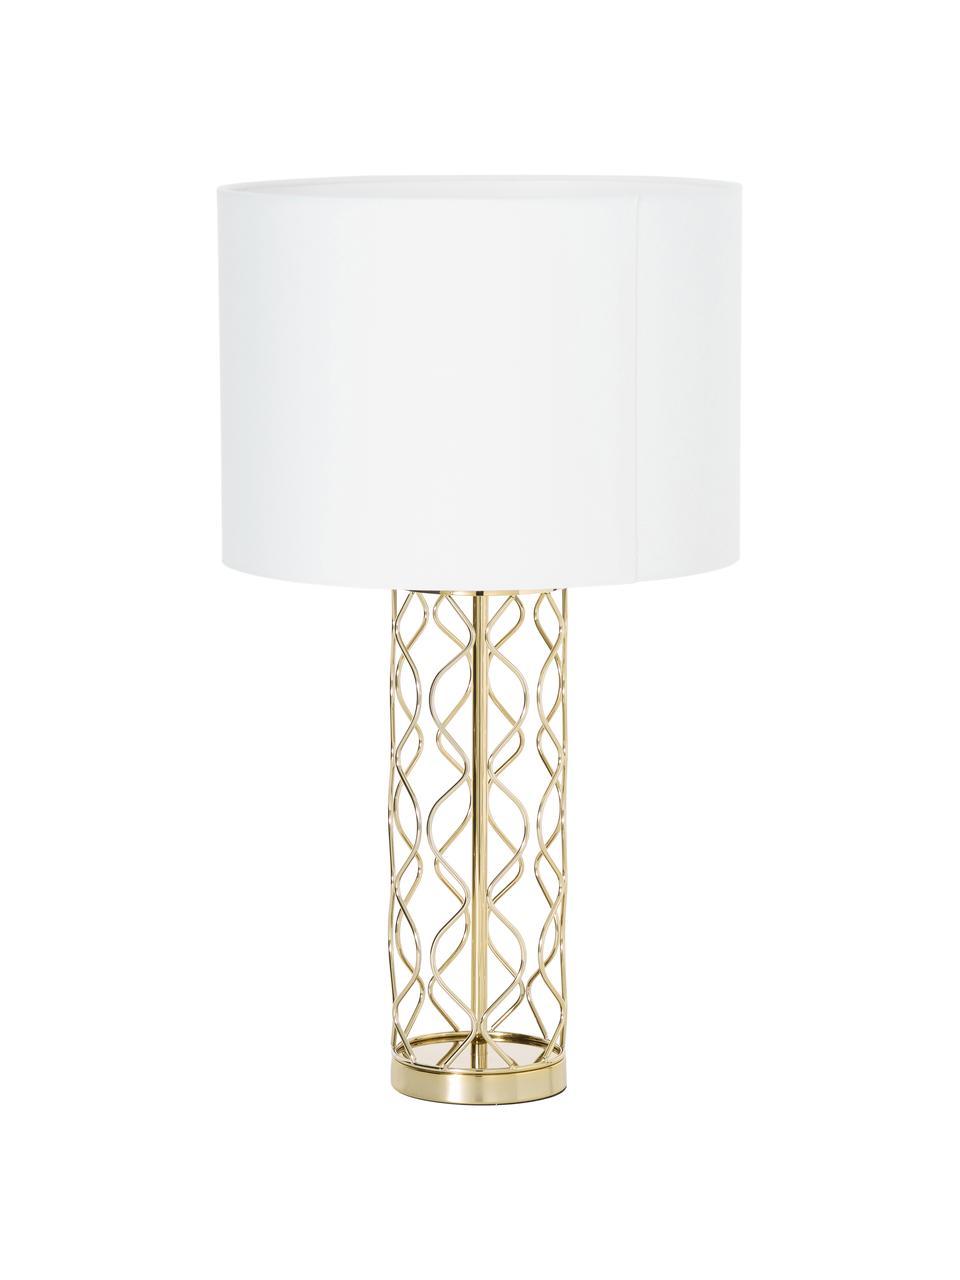 Grande lampe à poser blanc doré Adelaide, Abat-jour: crème Pied de lampe: couleur dorée